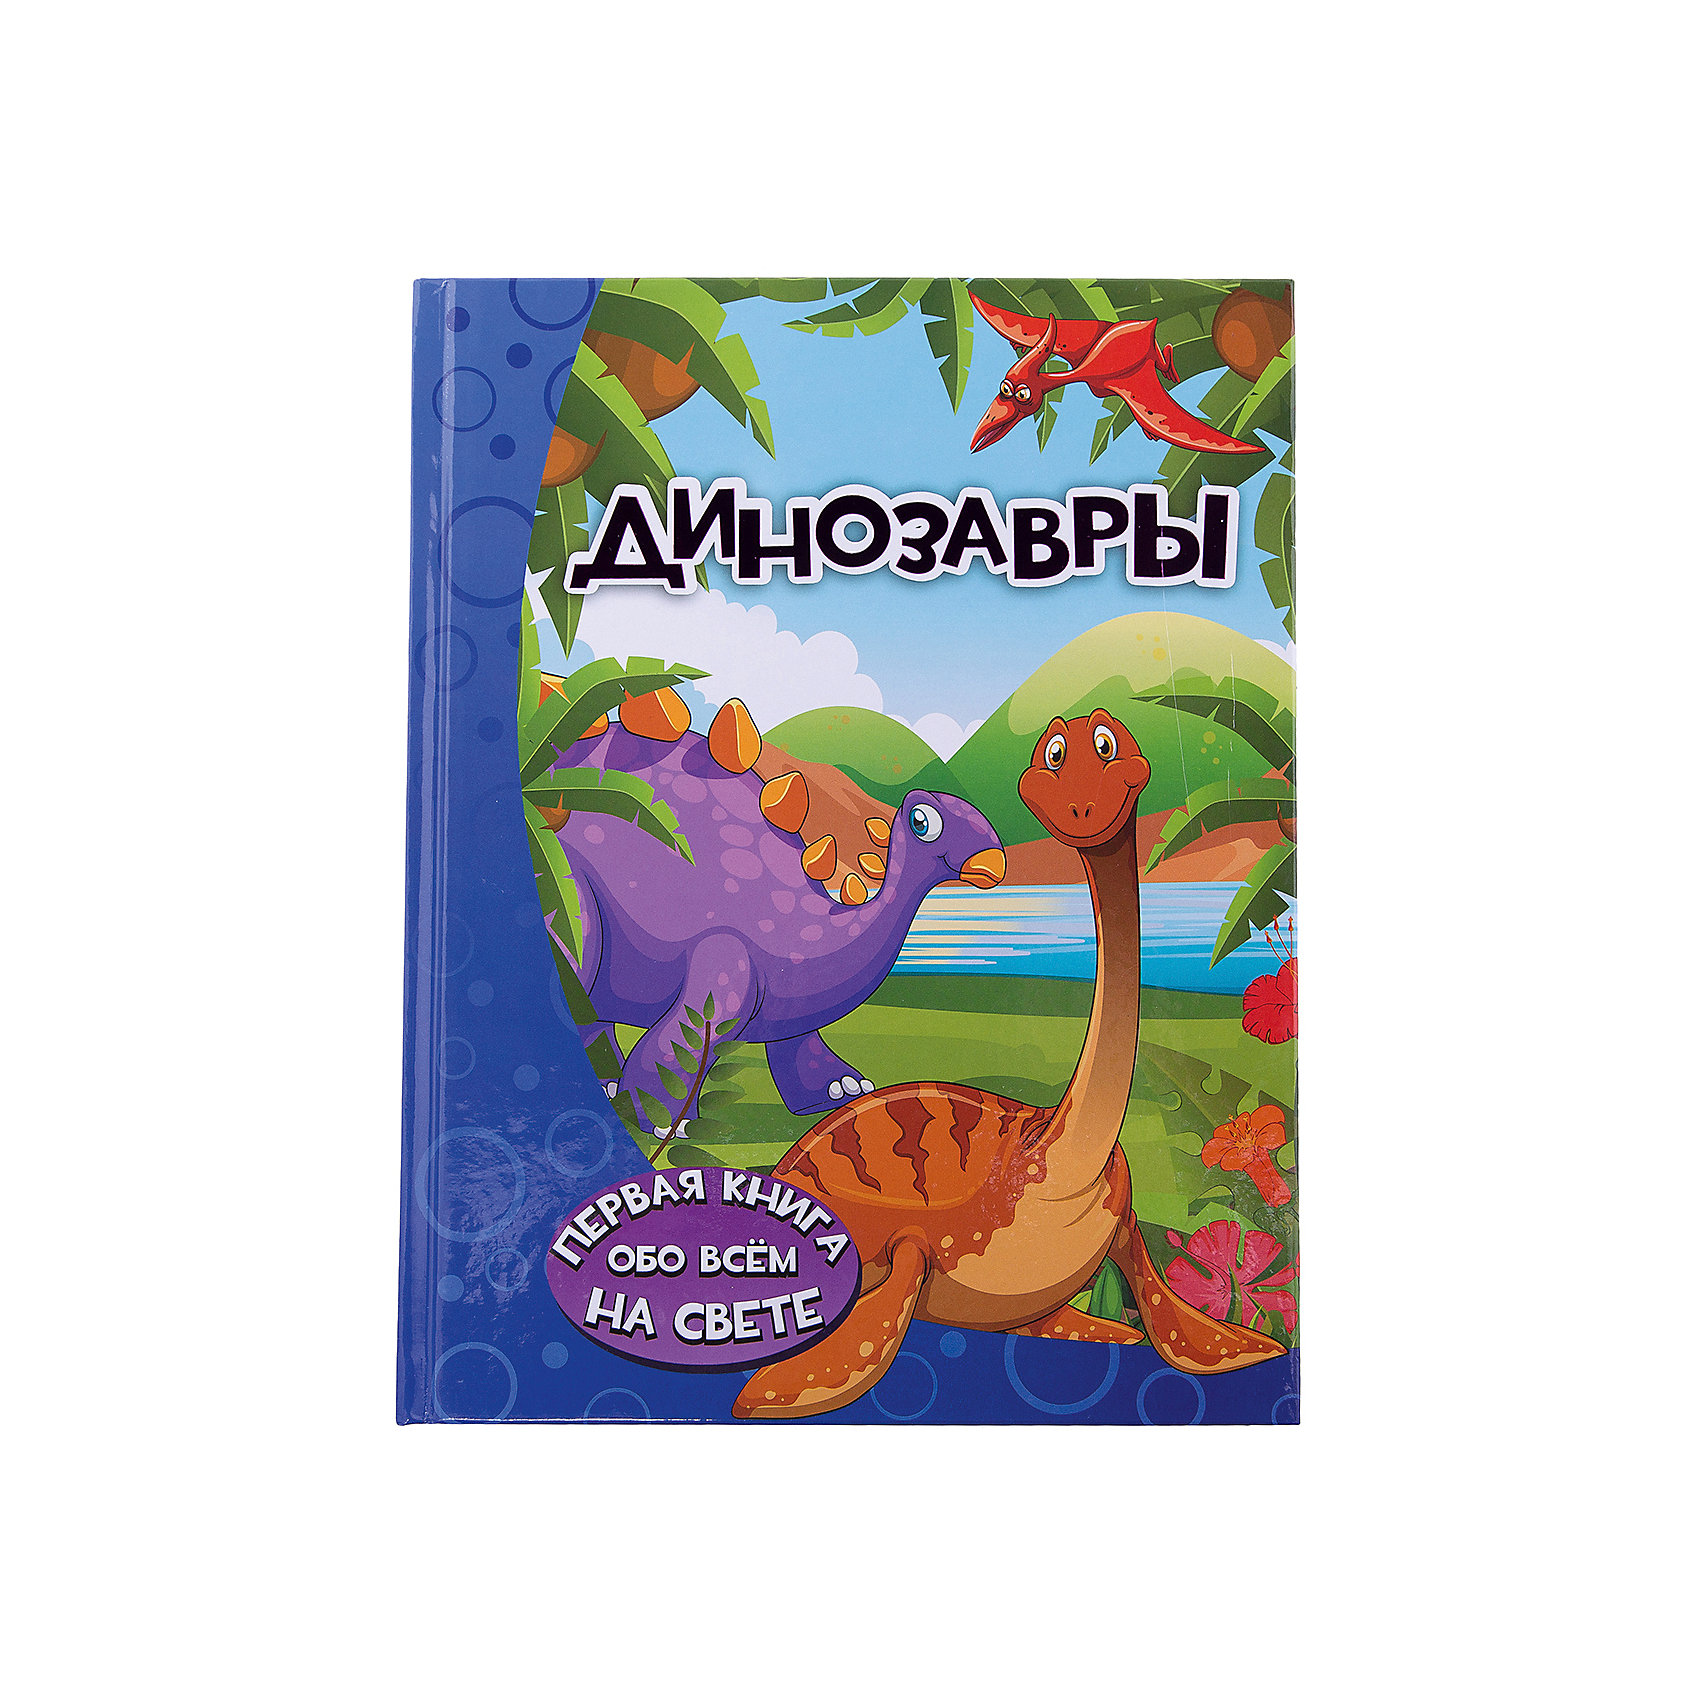 Книга обо всём на свете ДинозаврыДетские энциклопедии<br>Книга Динозавры понравится каждому малышу, ведь она отправит его в увлекательнейшее путешествие, в котором ребёнок познакомится с необычными существами — динозаврами, узнает, какой была наша планета миллионы лет назад и какие существа её населяли в то далёкое время.<br>Маленький читатель получит ответы на множество вопросов: почему одни из динозавров жили в стае, а другие предпочитали одиночество, чем питались и как охотились эти древние ящеры, на кого были похожи и почему всё-таки они так называются. Текст книги написан интересным, а главное, понятным и доступным языком — специально для дошколят. А множество красочных иллюстраций непременно понравятся детишкам: динозавры представлены на них забавными и очень милыми. Итак, открывайте книгу и вместе начните путешествие в неповторимый, загадочный и, увы, навсегда исчезнувший мир динозавров.<br>Для дошкольного возраста.<br><br>Ширина мм: 255<br>Глубина мм: 197<br>Высота мм: 160<br>Вес г: 85<br>Возраст от месяцев: 48<br>Возраст до месяцев: 2147483647<br>Пол: Унисекс<br>Возраст: Детский<br>SKU: 6848292